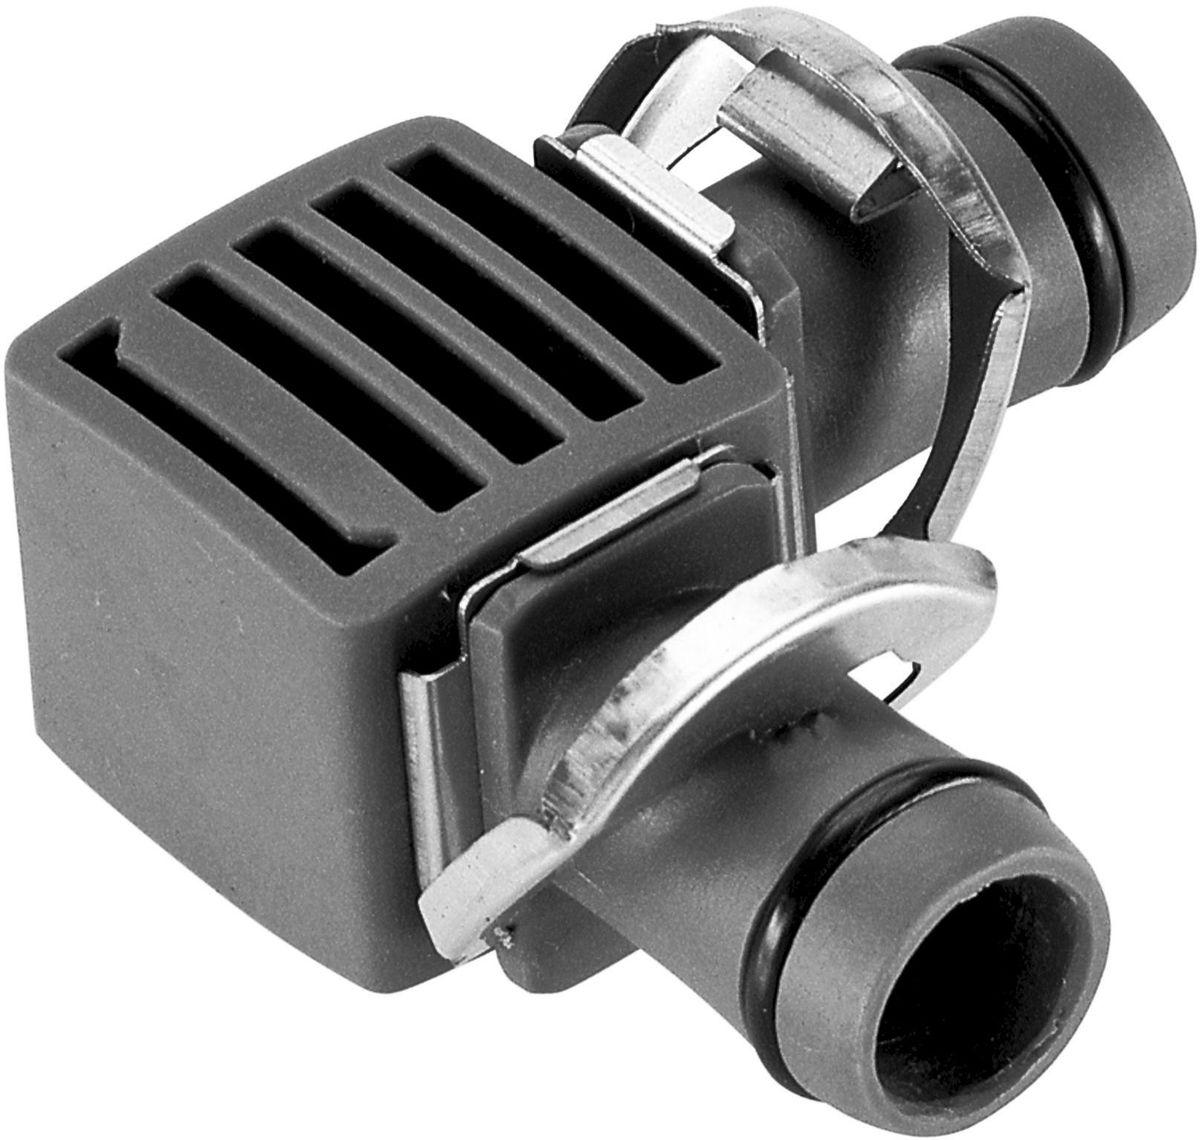 Соединитель Gardena, L-образный 13 мм (1/2), 2 шт. 08382-29.000.0008382-29.000.00Соединитель L-образный GARDENA является элементом системы микрокапельного полива GARDENA Micro-Drip-System и предназначен для изменения направления магистрального шланга. Благодаря патентованной технологии быстрого подсоединения Quick & Easy, установка соединителя чрезвычайно проста. В комплект поставки входят два L-образных соединителя.